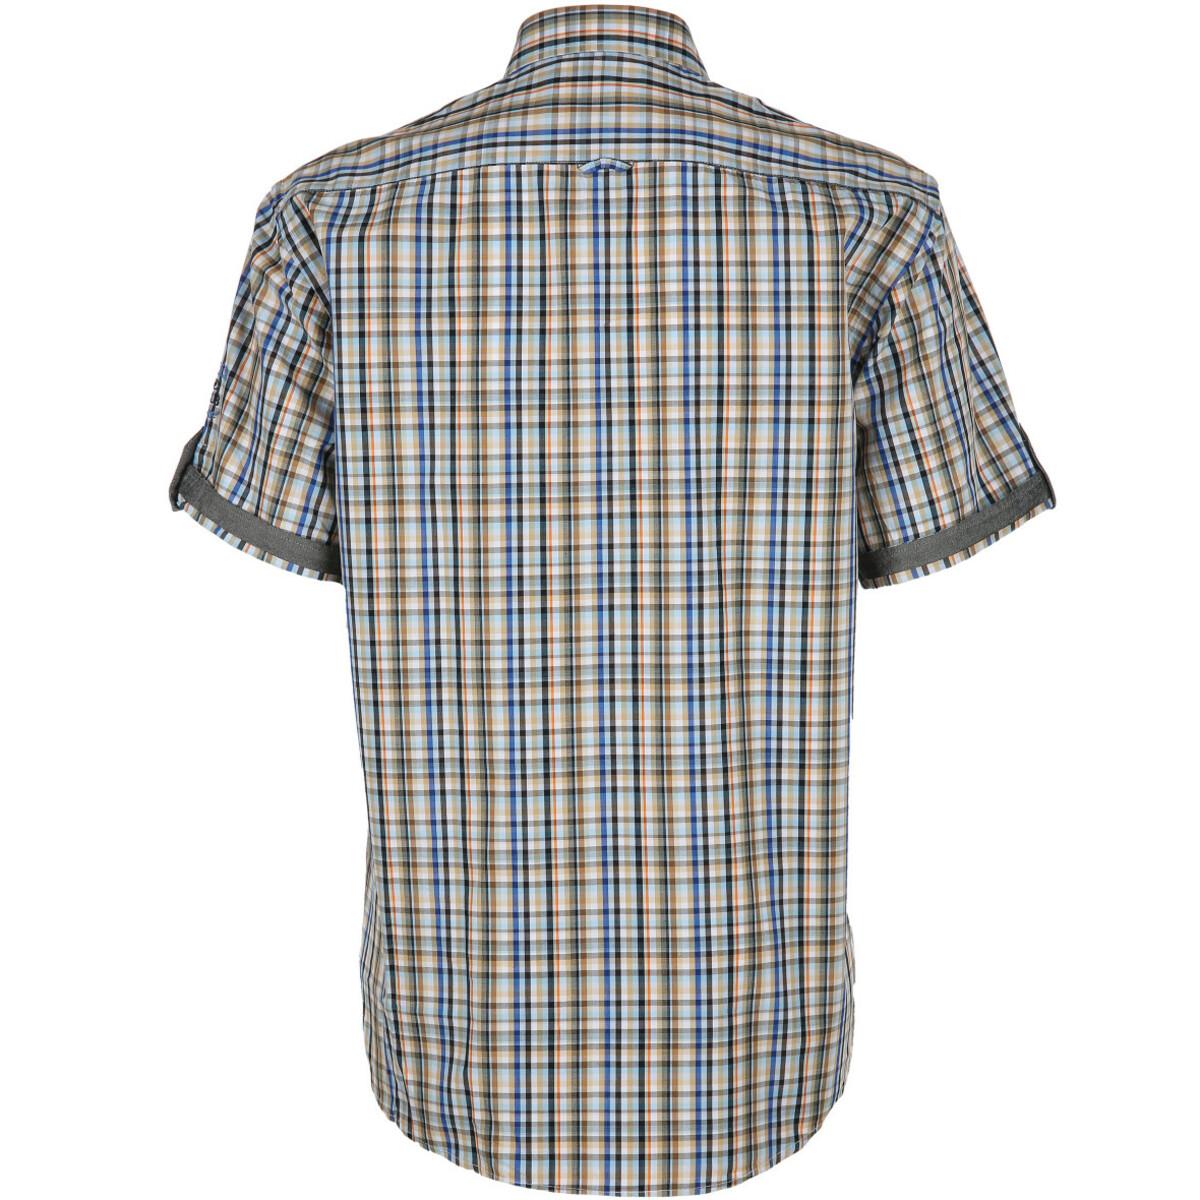 Bild 2 von Herren Freizeithemd mit kurzen Ärmeln